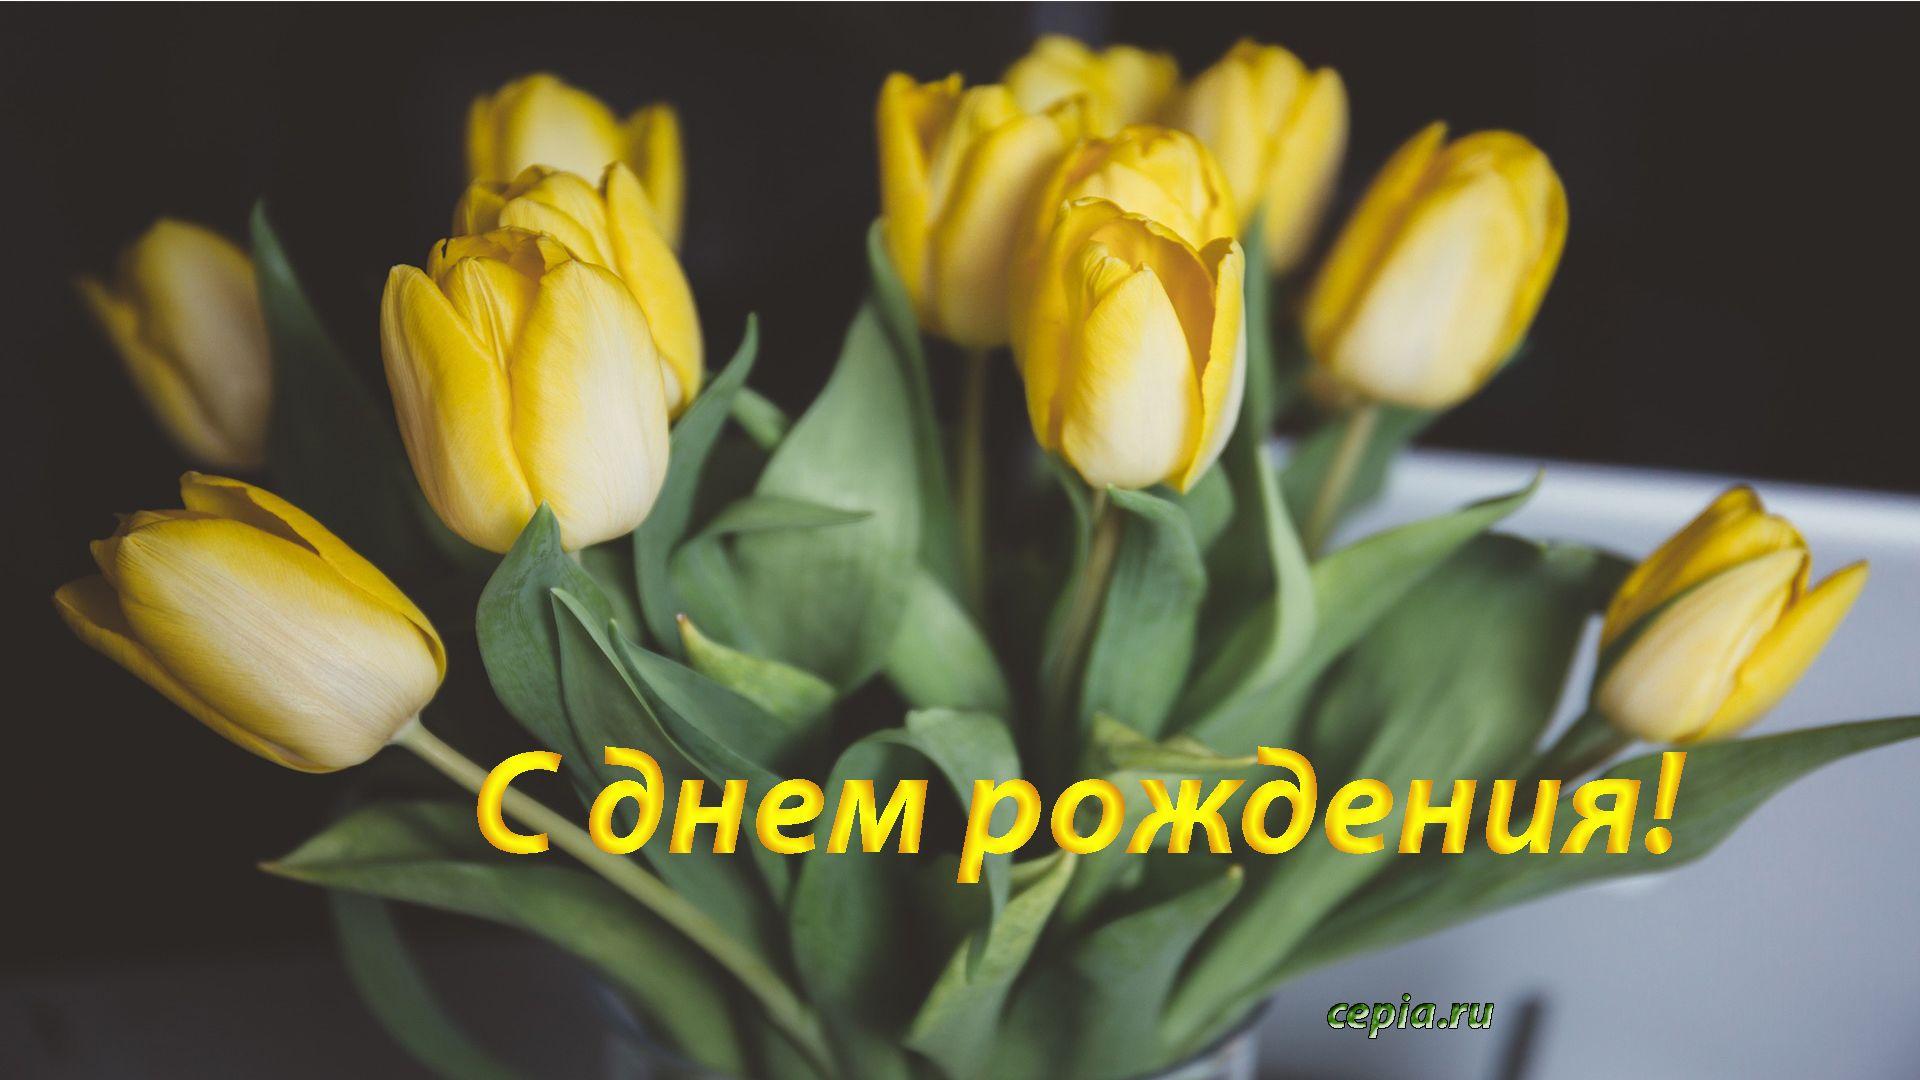 Картинка С днем рождения с красивыми желтыми тюльпанами